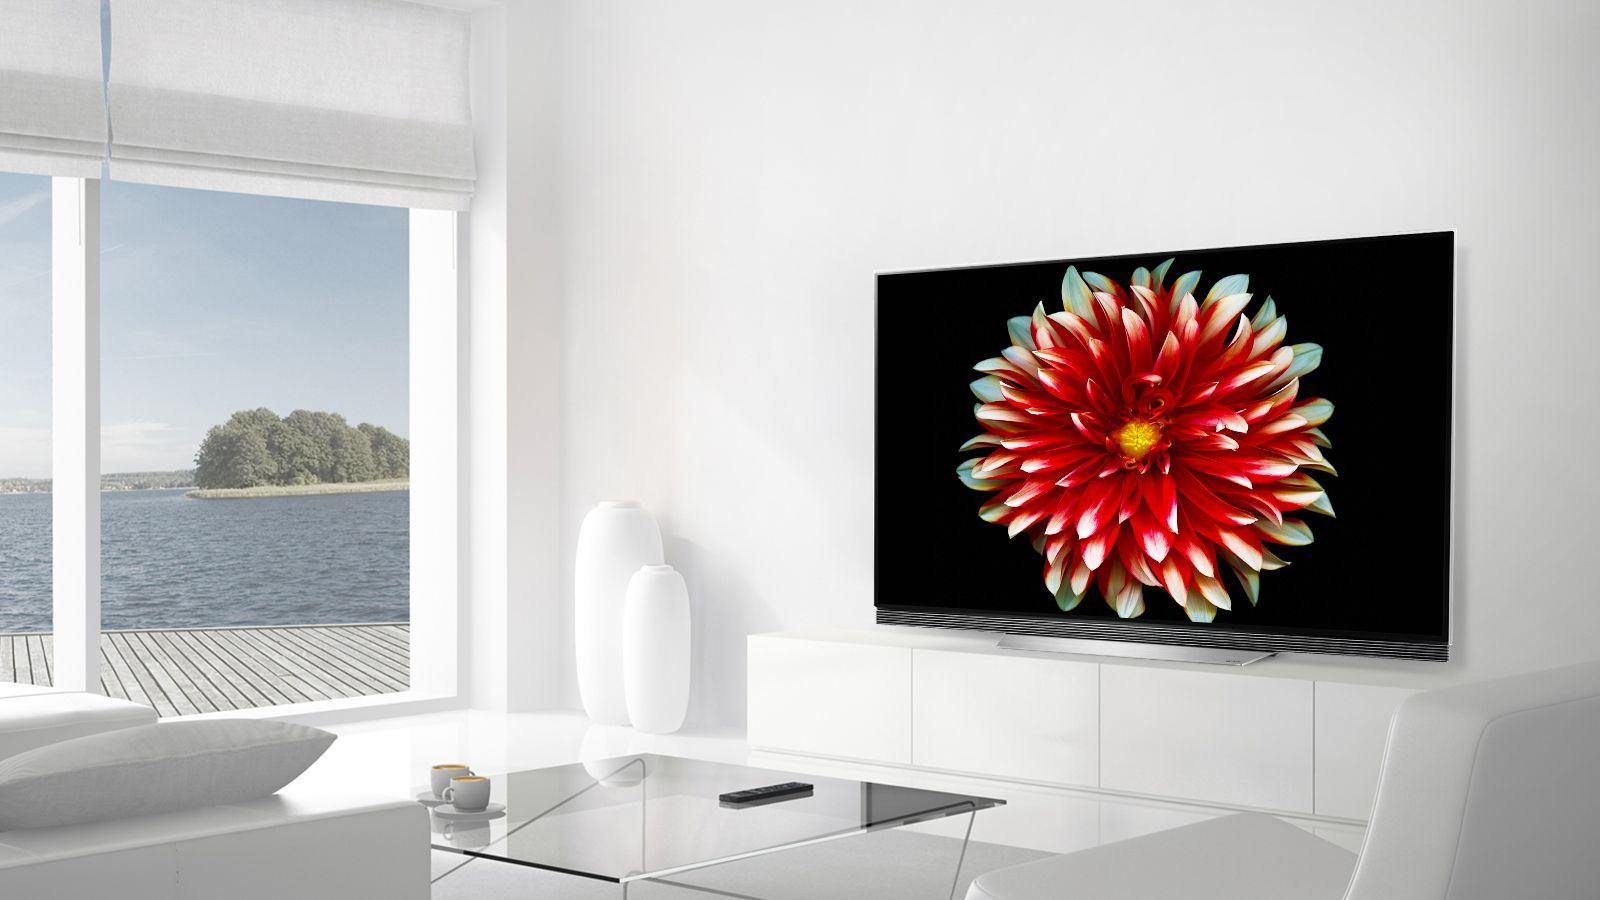 The 10 best 4K TVs of 2017 Smart tv